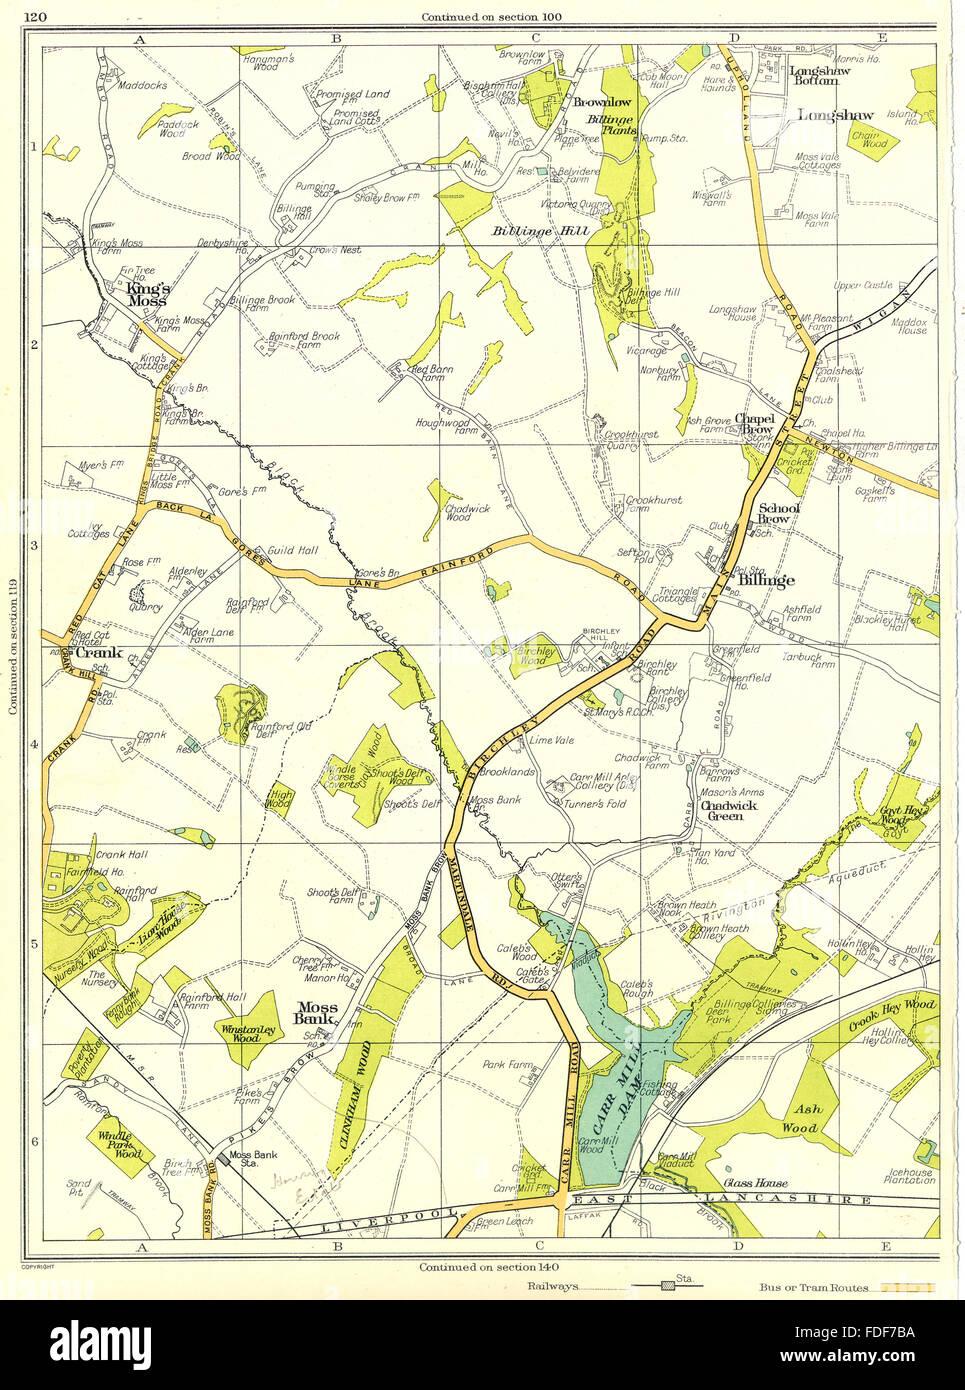 LANCS:Moss Bank,Billinge,Chadwick Green,Crank,Longshaw,King's Moss, 1935 map - Stock Image